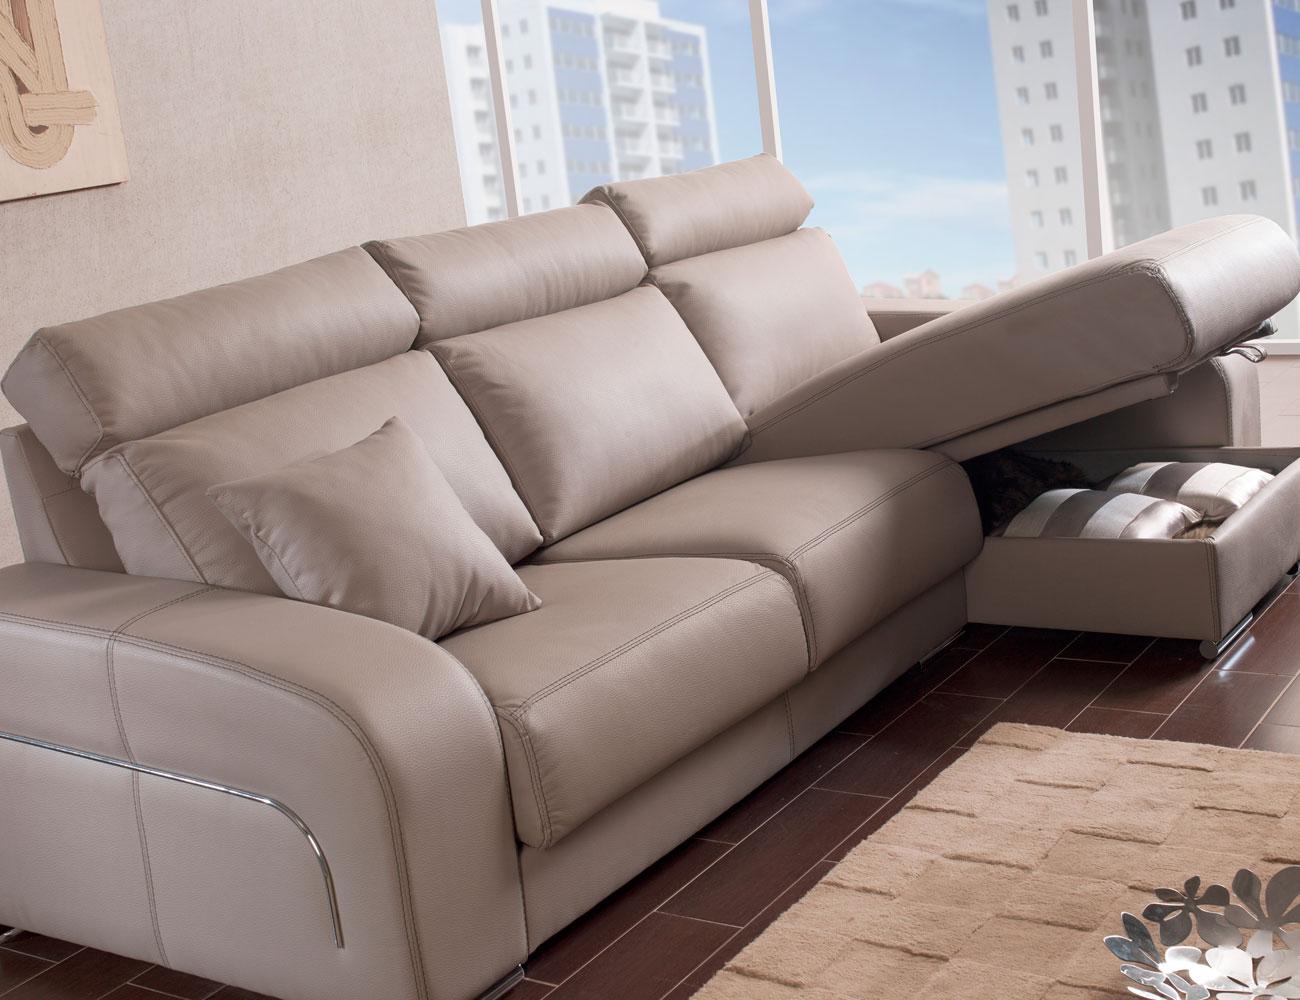 Sofa chaiselongue moderno pared cero arcon25